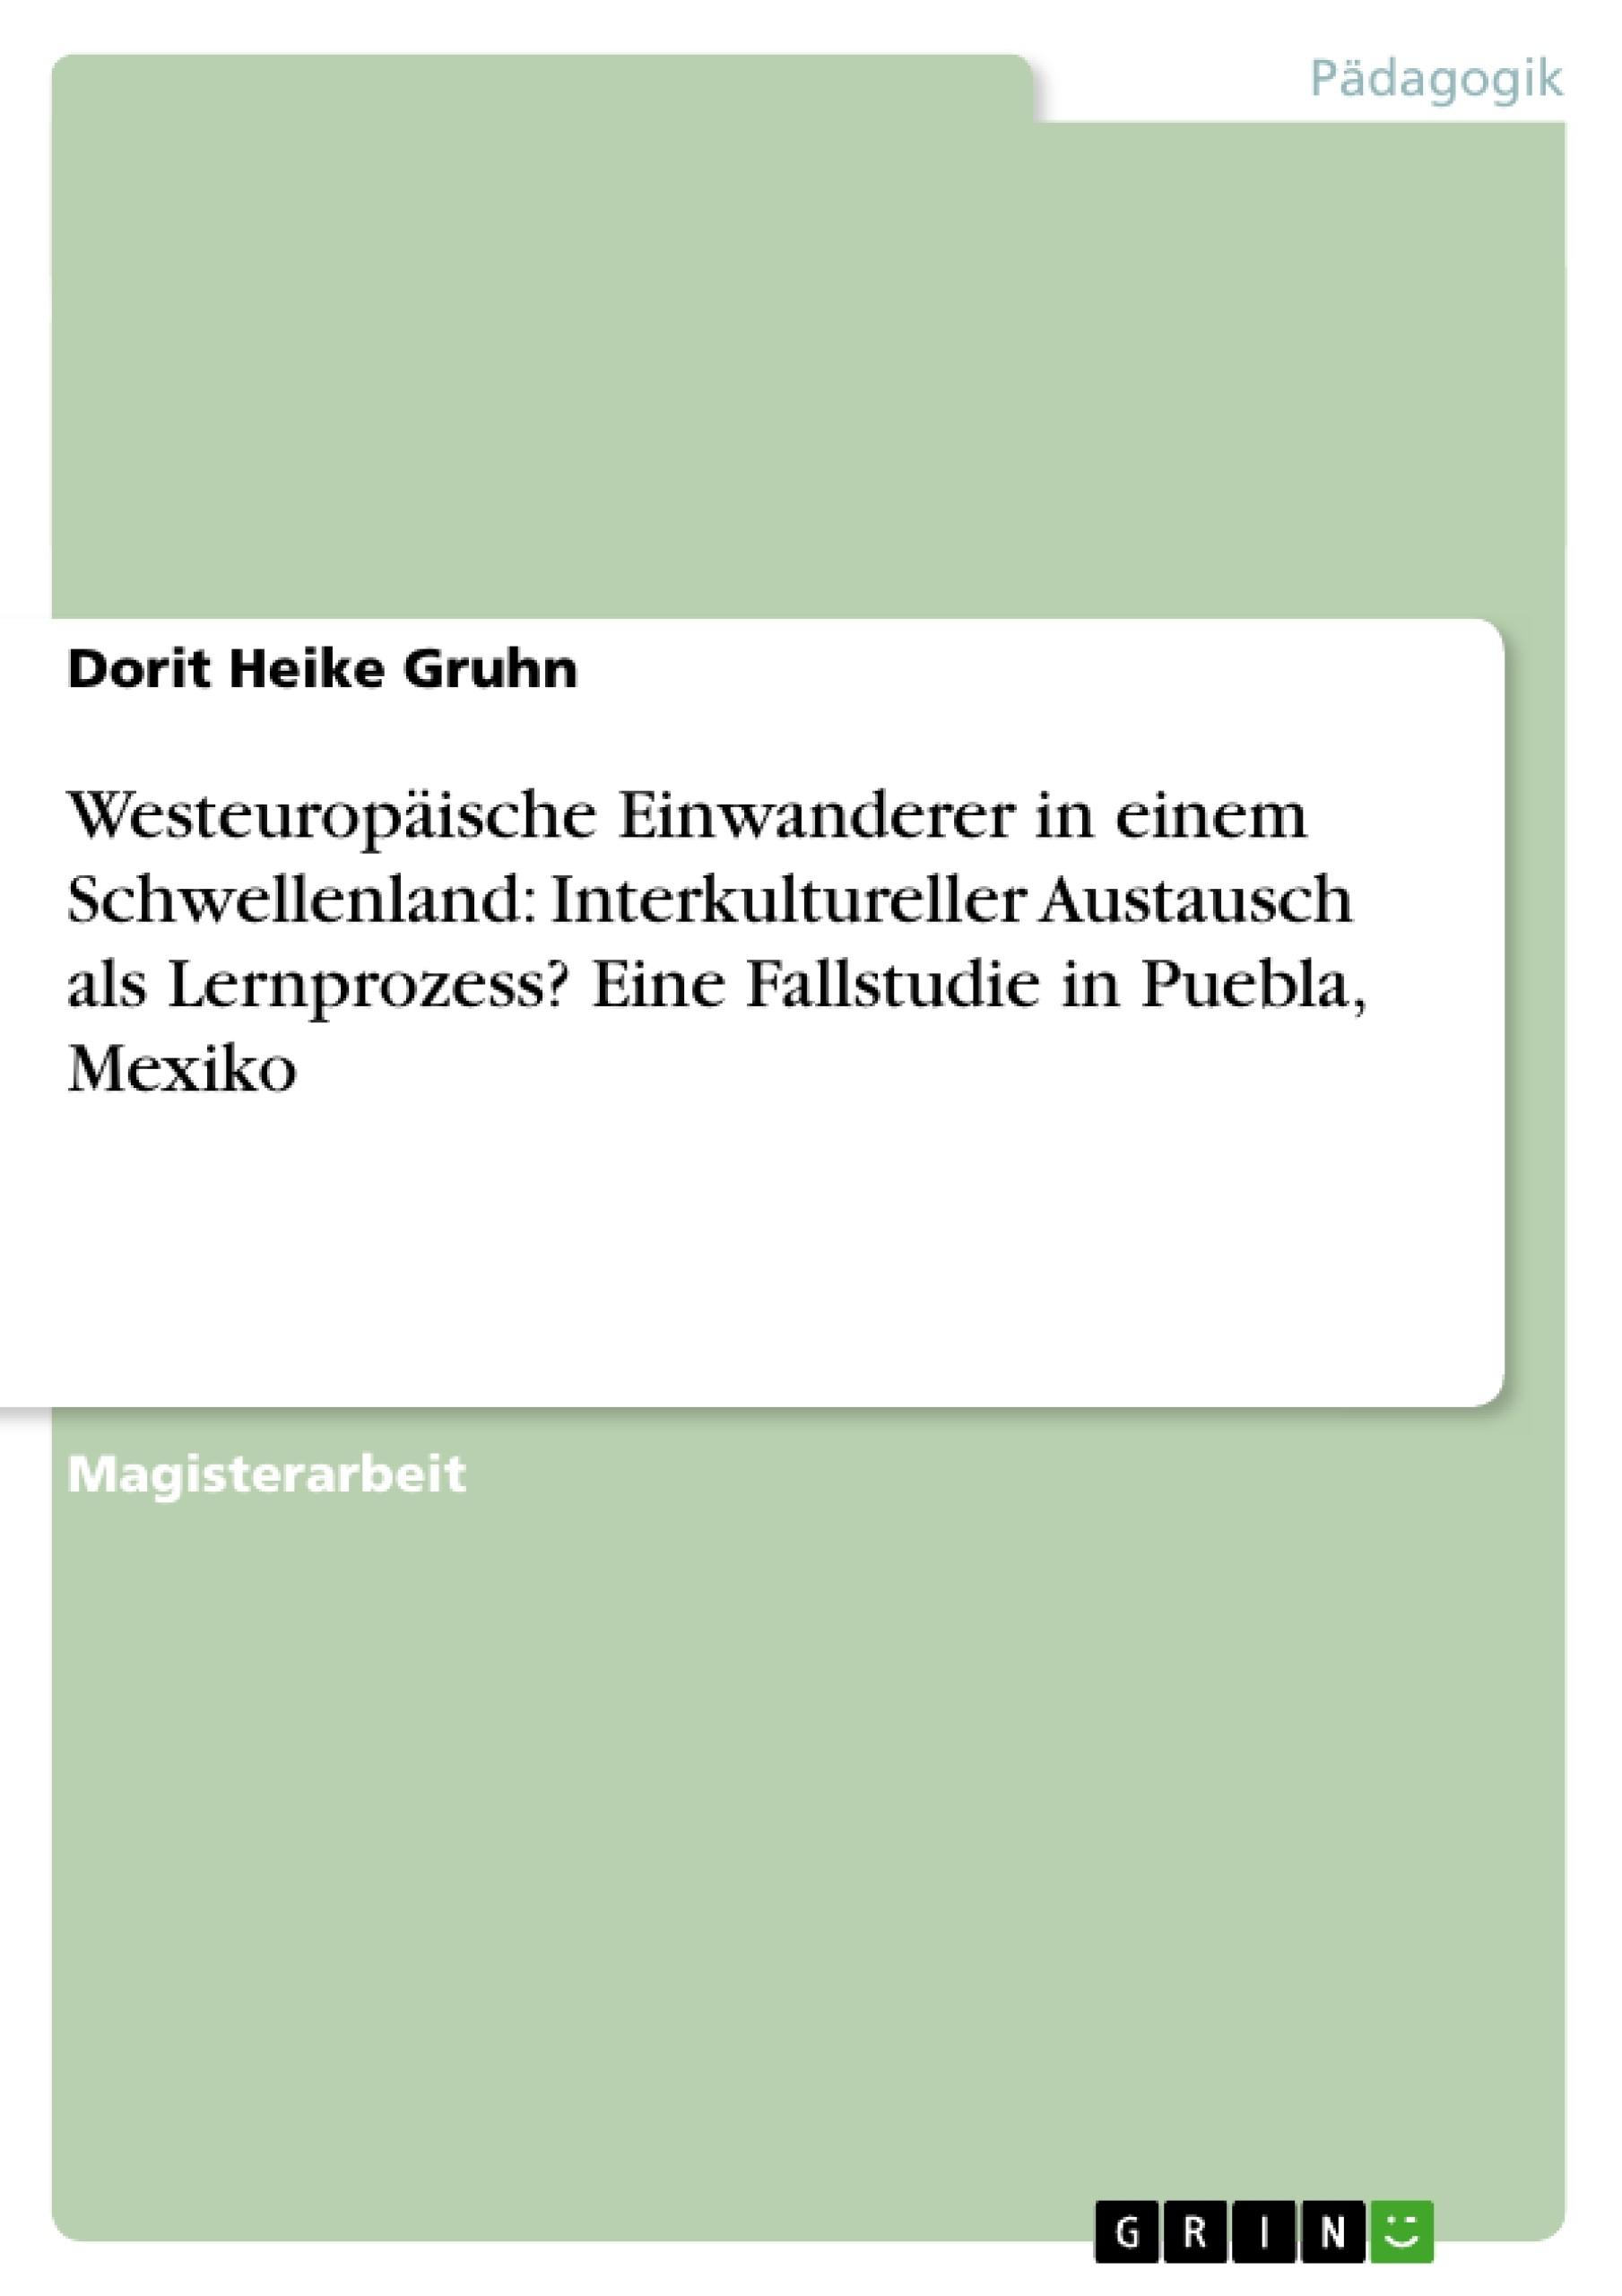 Titel: Westeuropäische Einwanderer in einem Schwellenland: Interkultureller Austausch als Lernprozess? Eine Fallstudie in Puebla, Mexiko